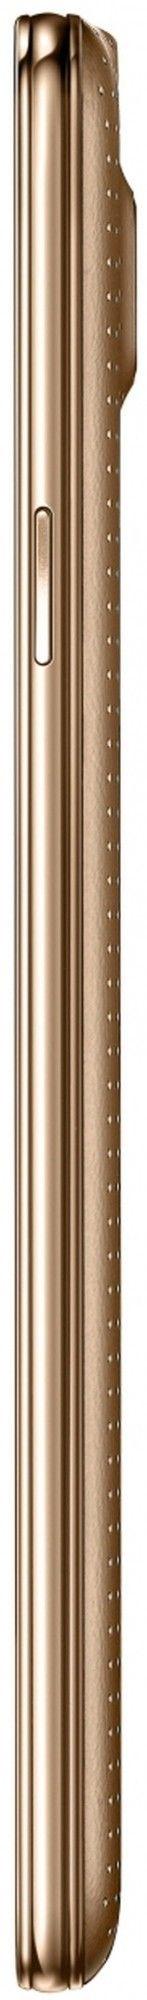 Мобильный телефон Samsung G900H Galaxy S5 (SM-G900HZDASEK) Copper Gold - 2